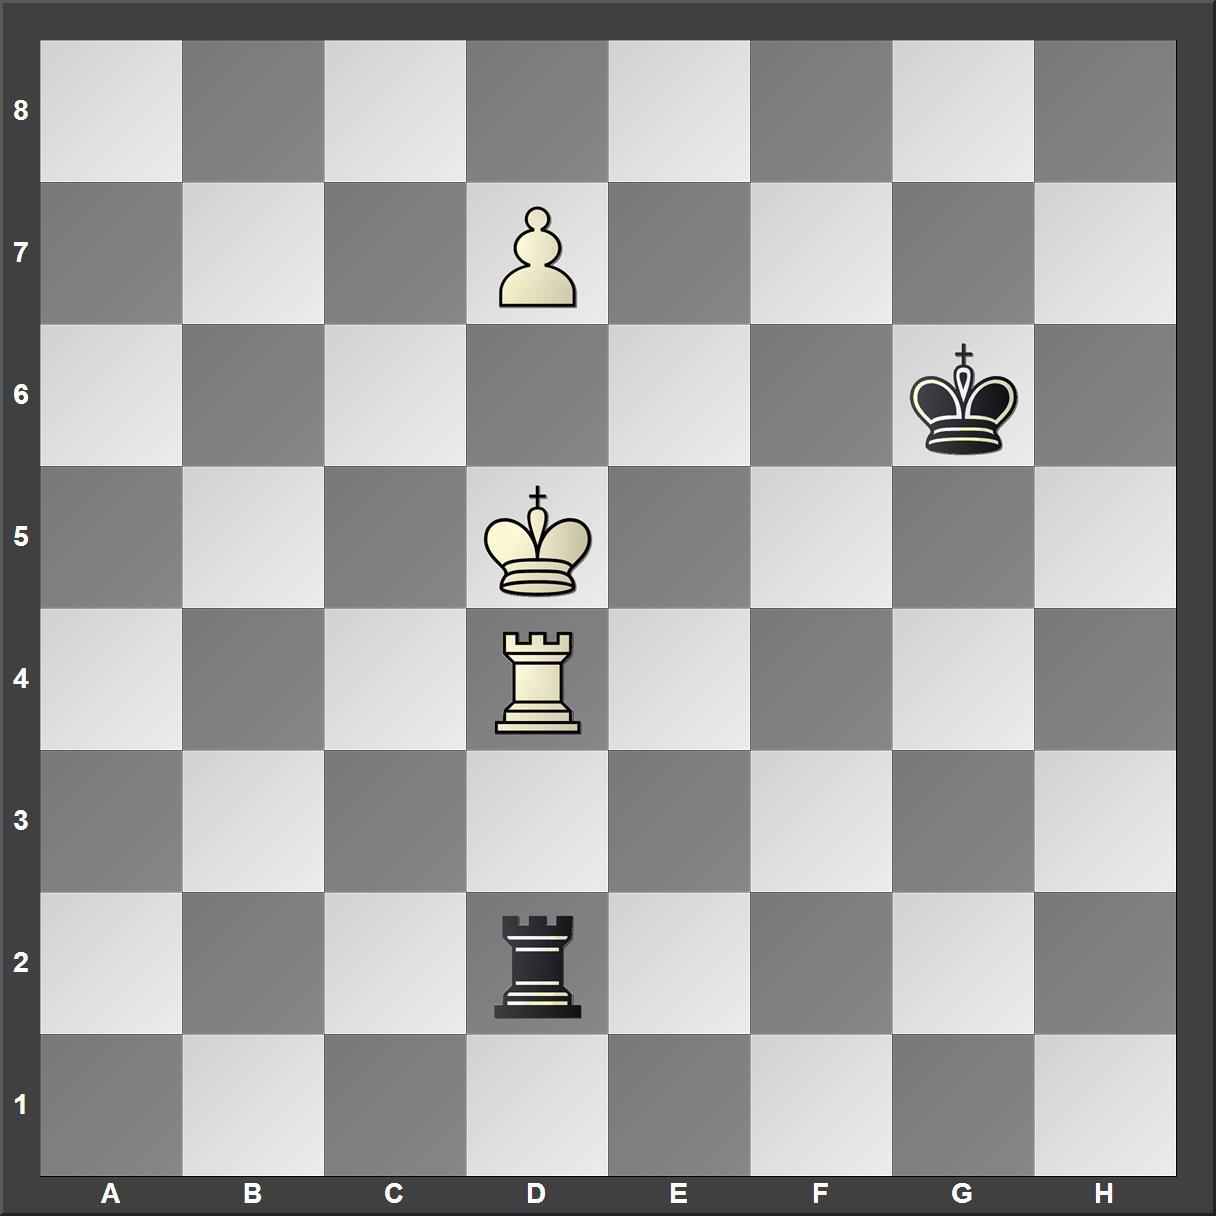 ルセナポジション〜今更聞けないチェス用語〜